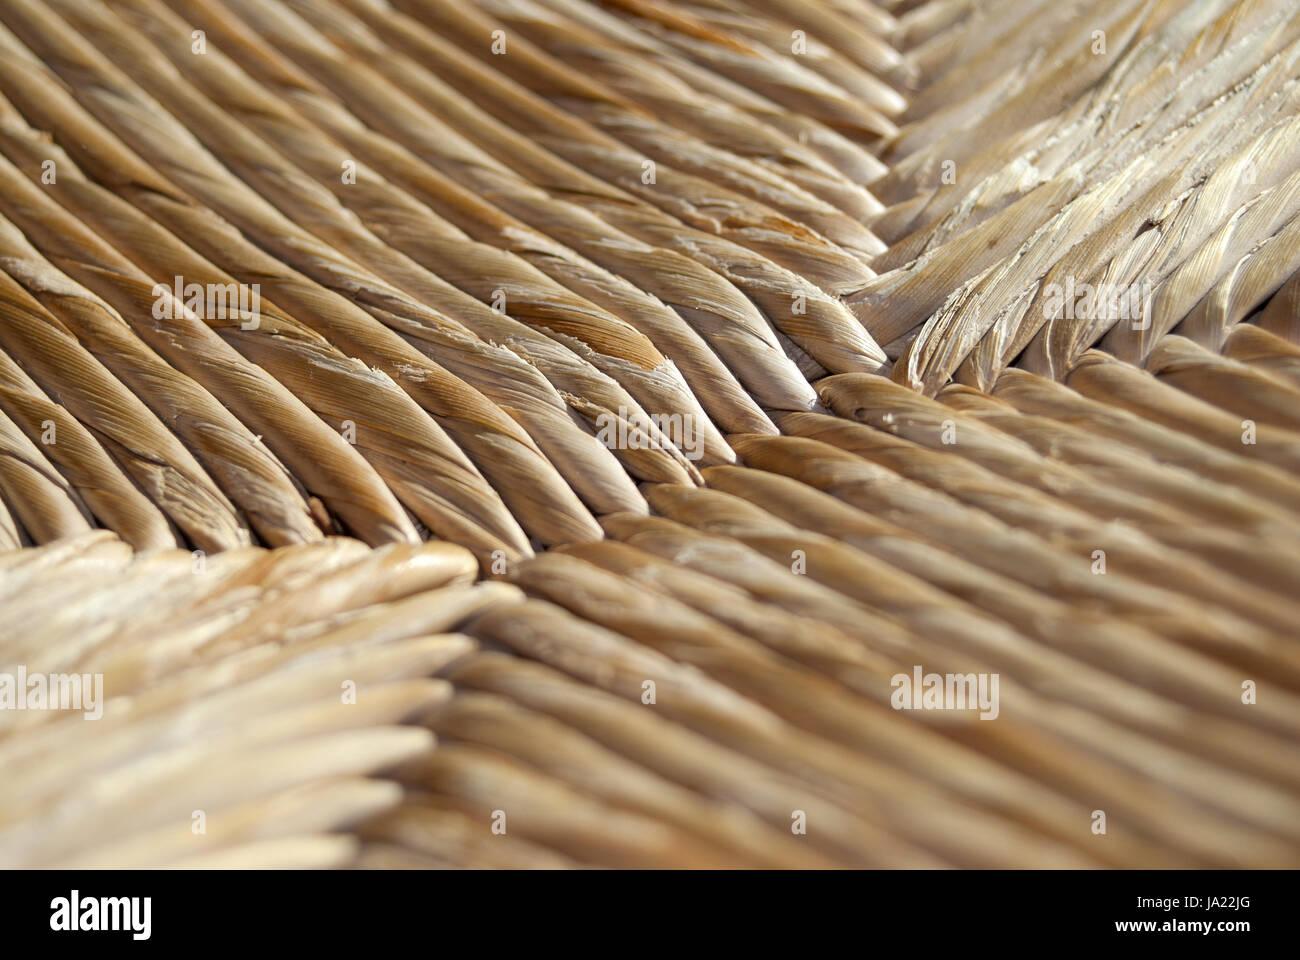 Geometria, pattern, linea, le linee, di canna da zucchero, motivo rustical, rustico, forme, forma, Immagini Stock